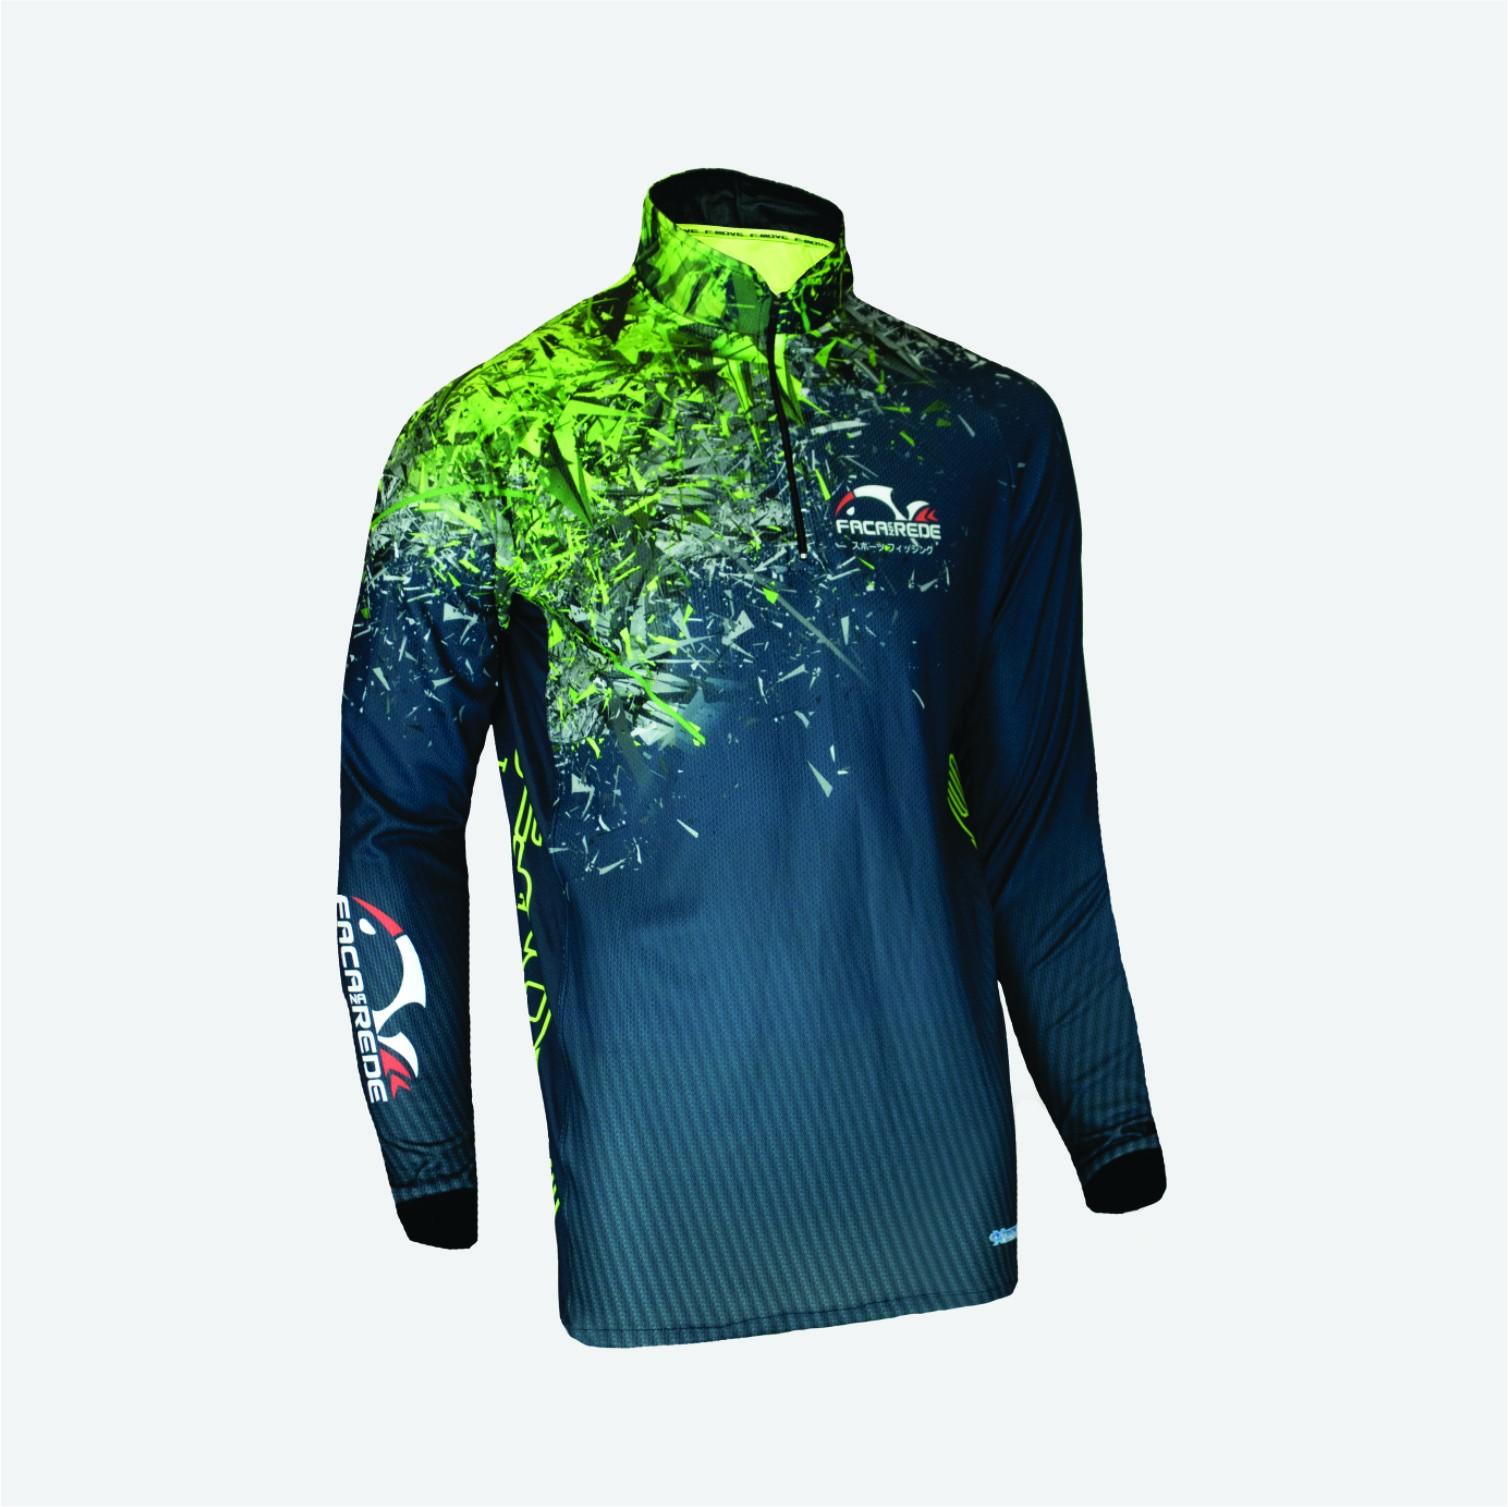 Camiseta Faca Na Rede Evo F-Move Sixx Extreme Dry Coleção 2019/2020